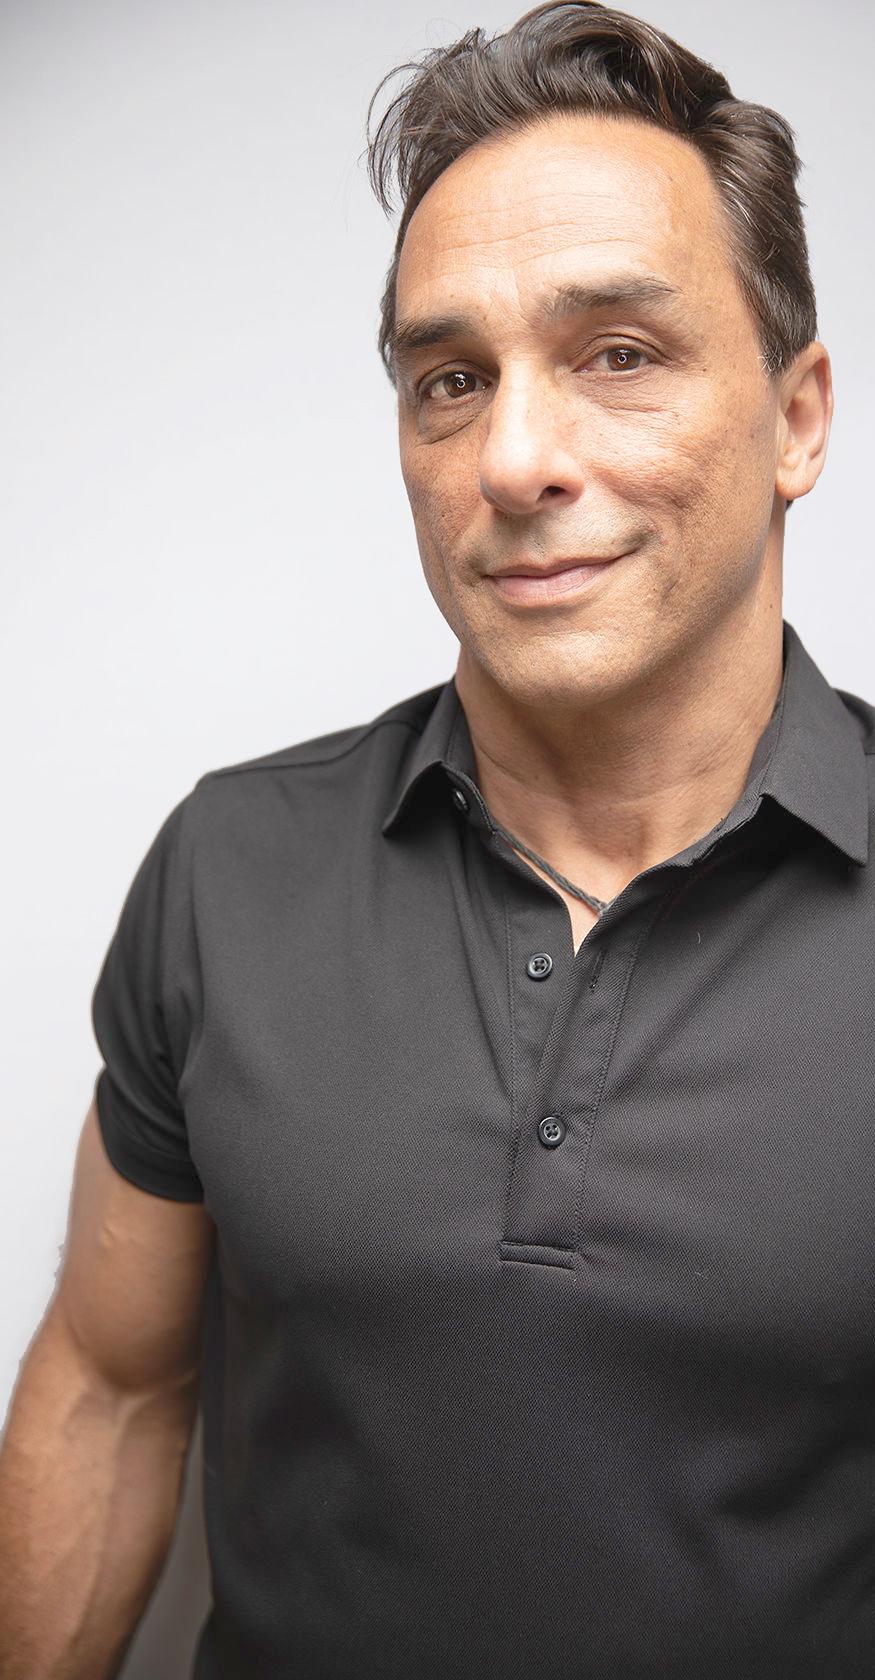 Sergio Mello Diretor de Marketing